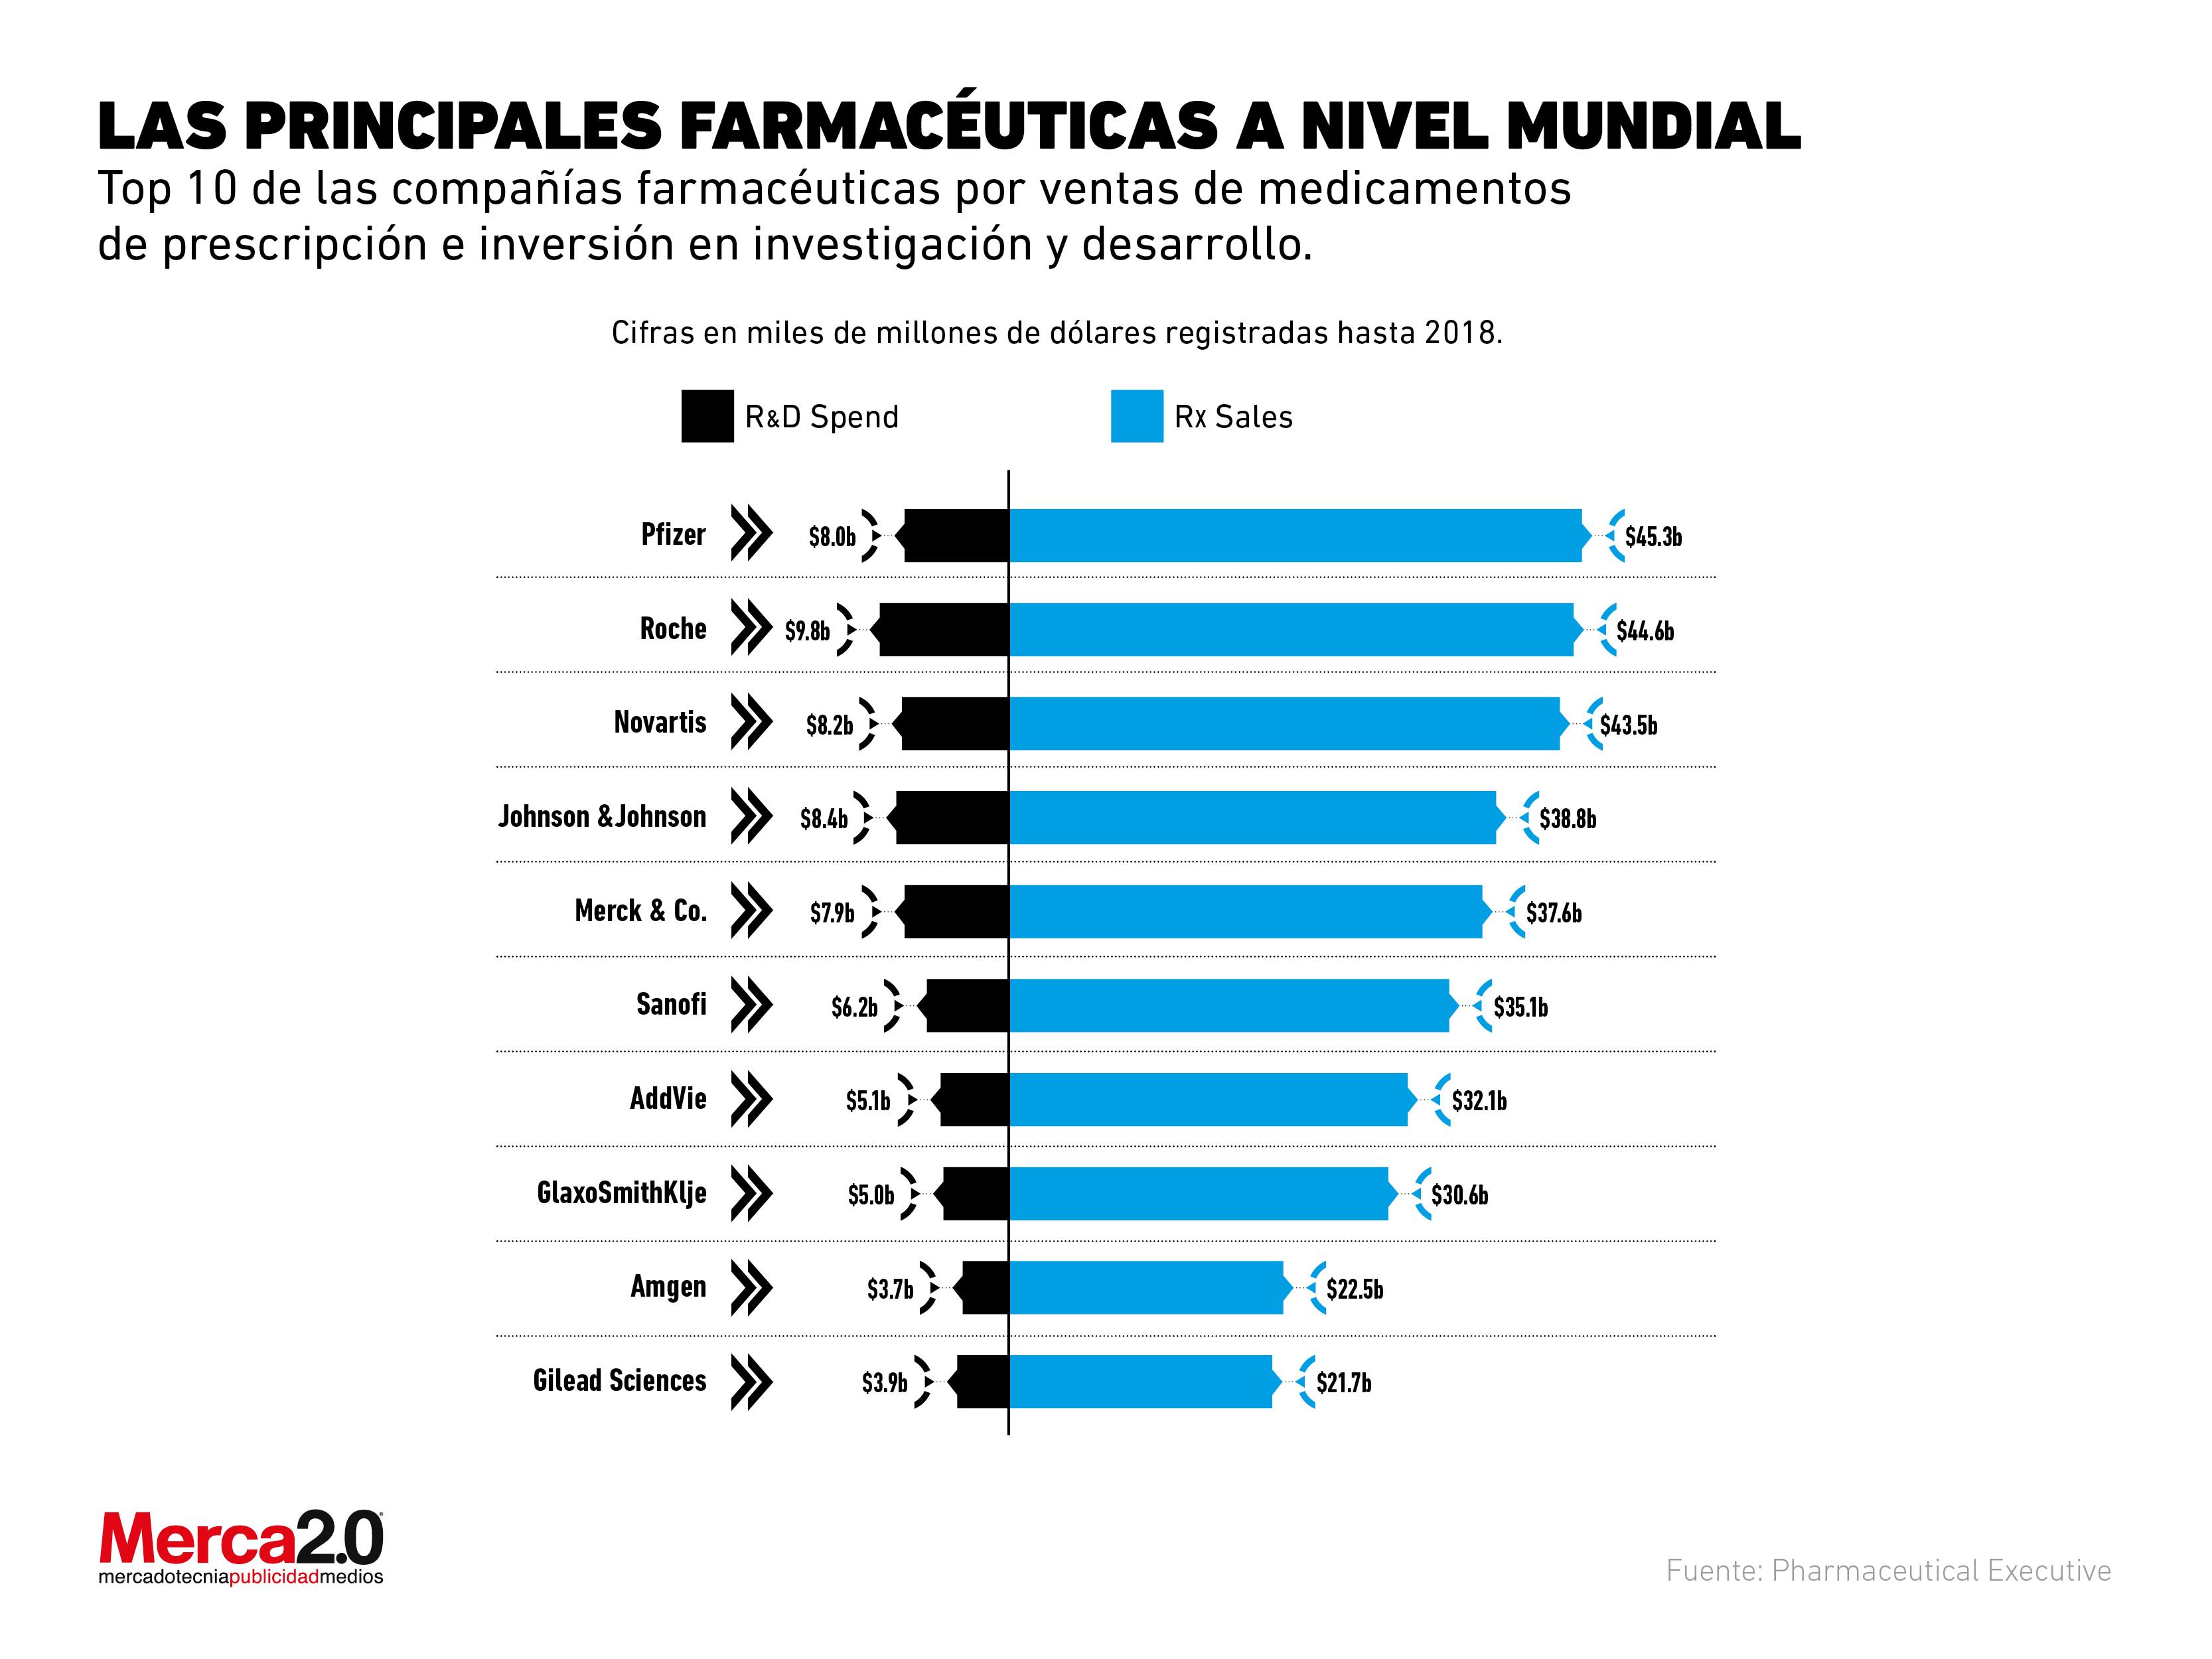 ¿Cuáles son las principales compañías farmacéuticas?